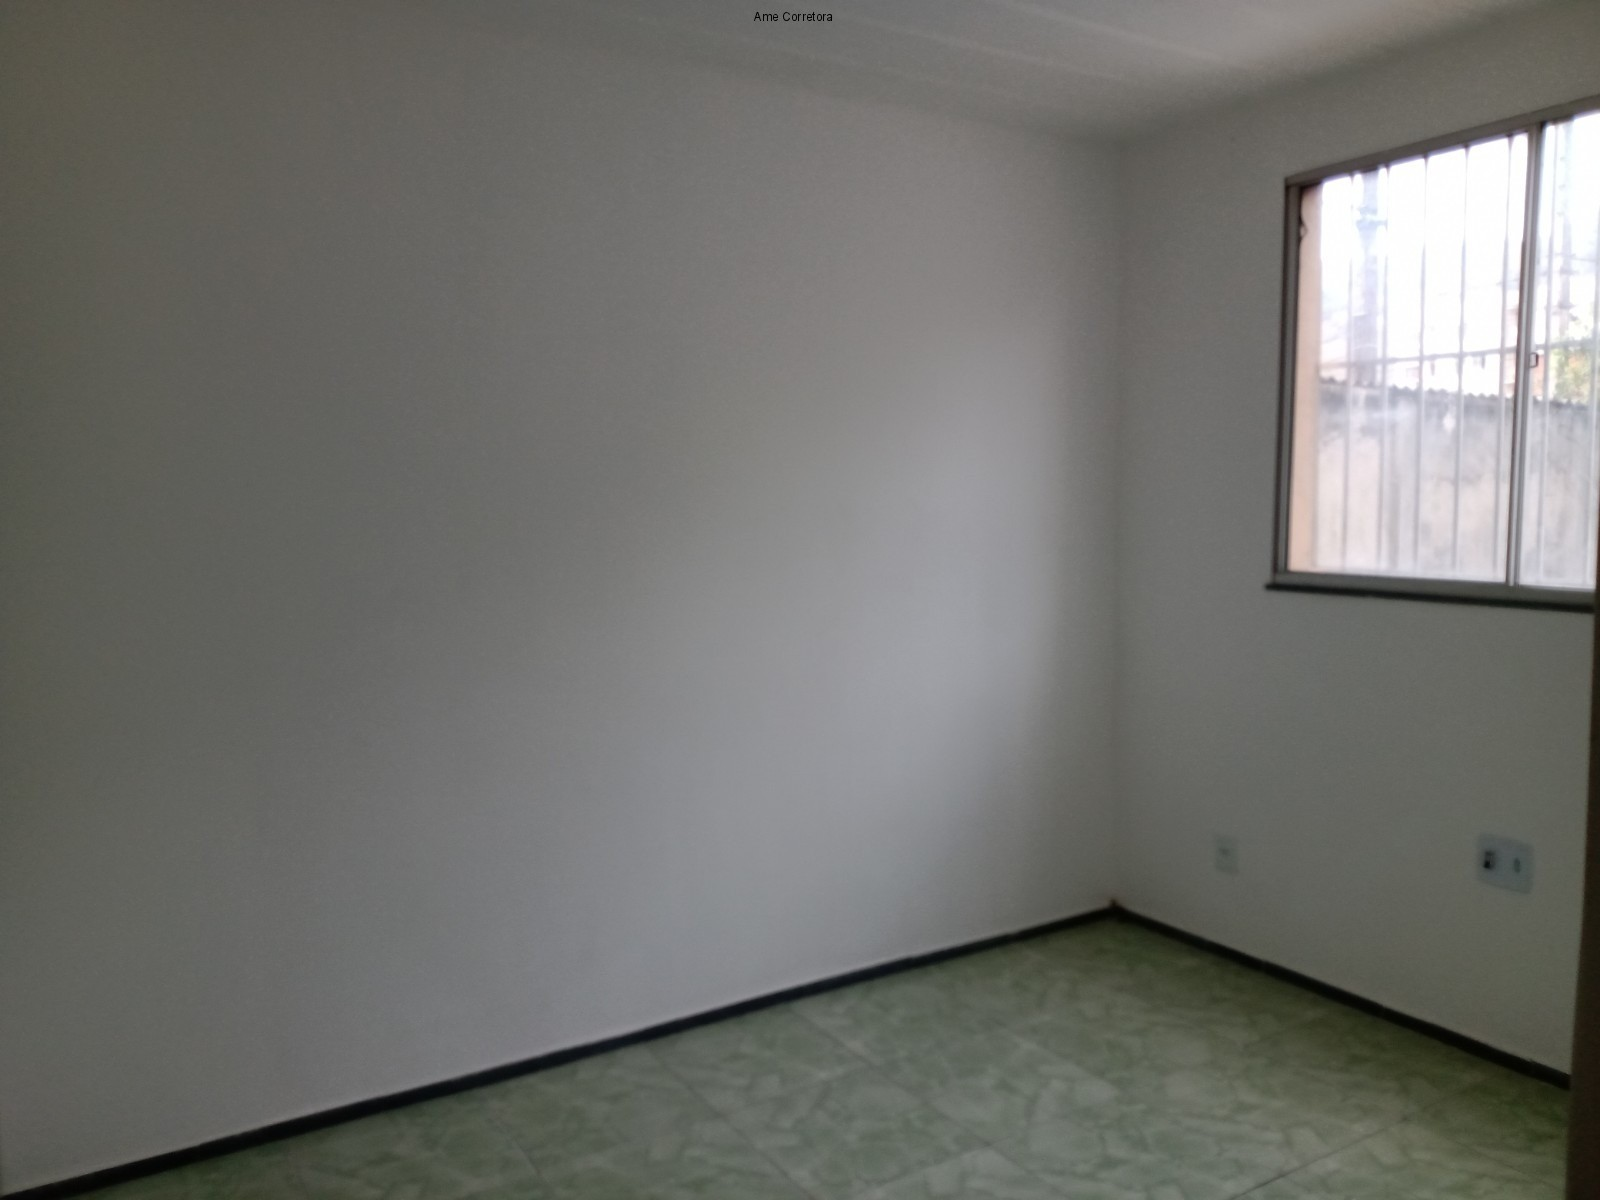 FOTO 02 - Apartamento 2 quartos à venda Campo Grande, Rio de Janeiro - R$ 135.000 - AP00361 - 3